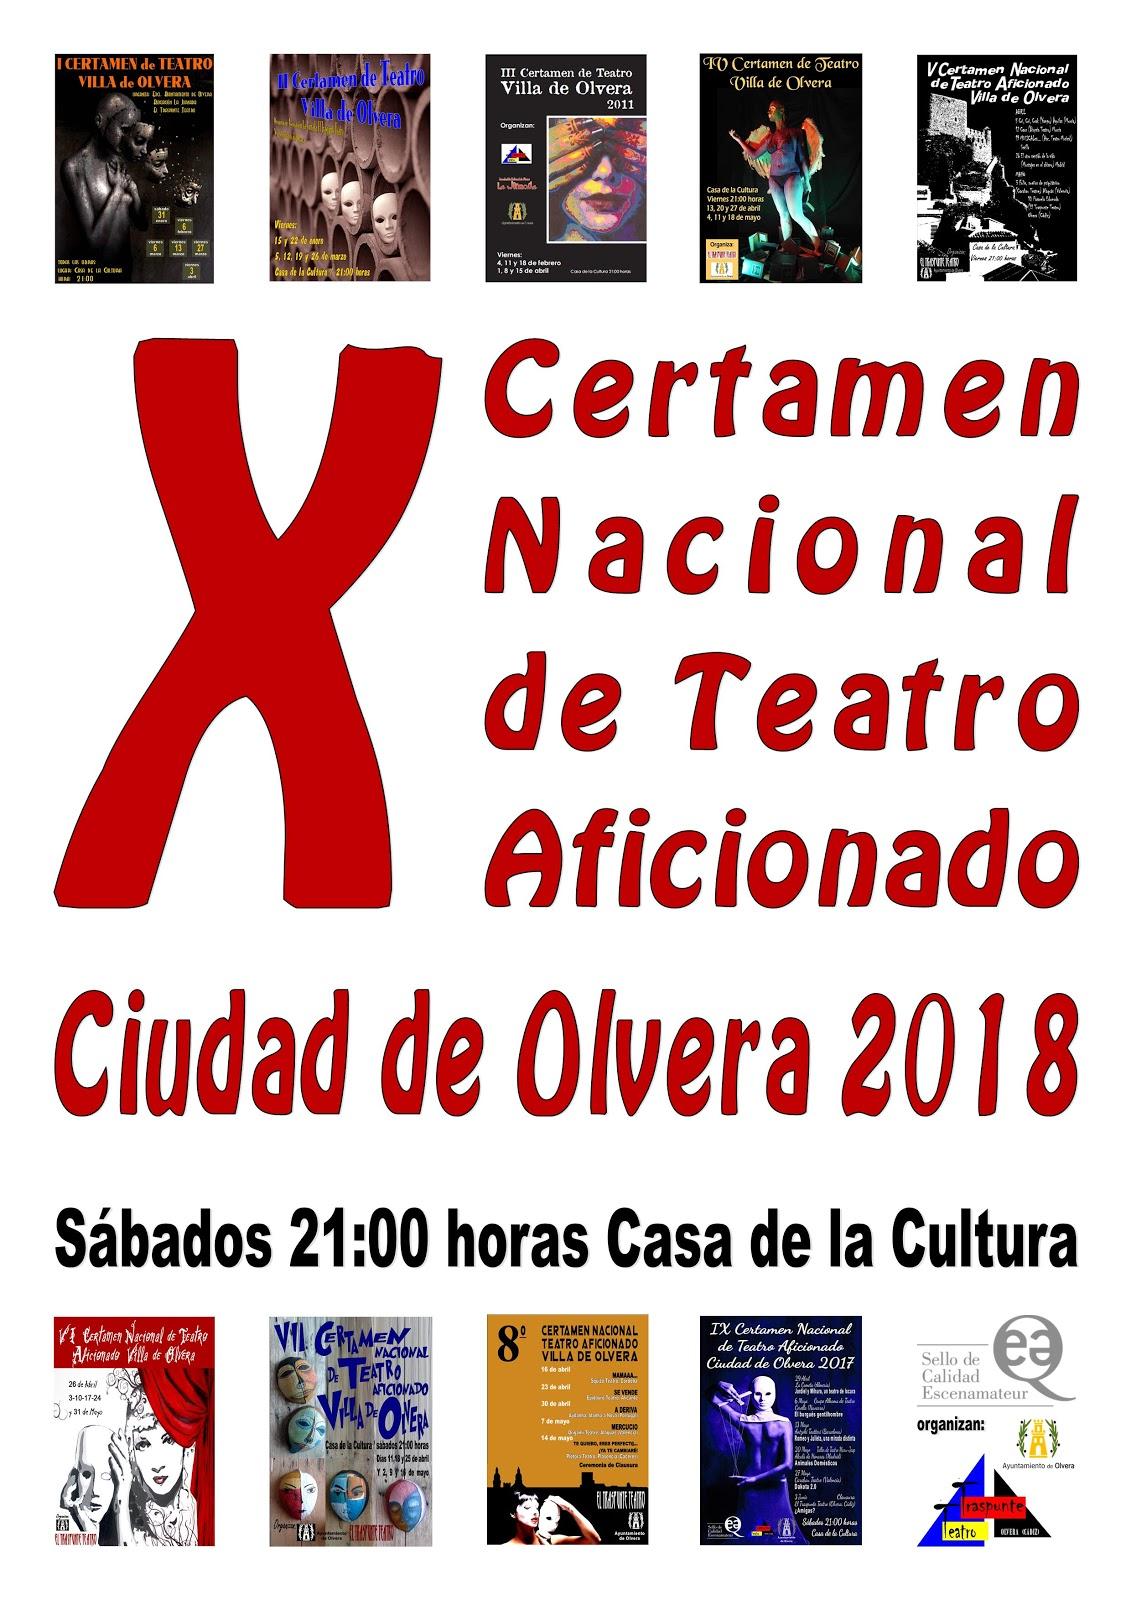 Inscripciones recibidas X Certamen Nacional de Teatro Aficionado Ciudad de Olvera 2018